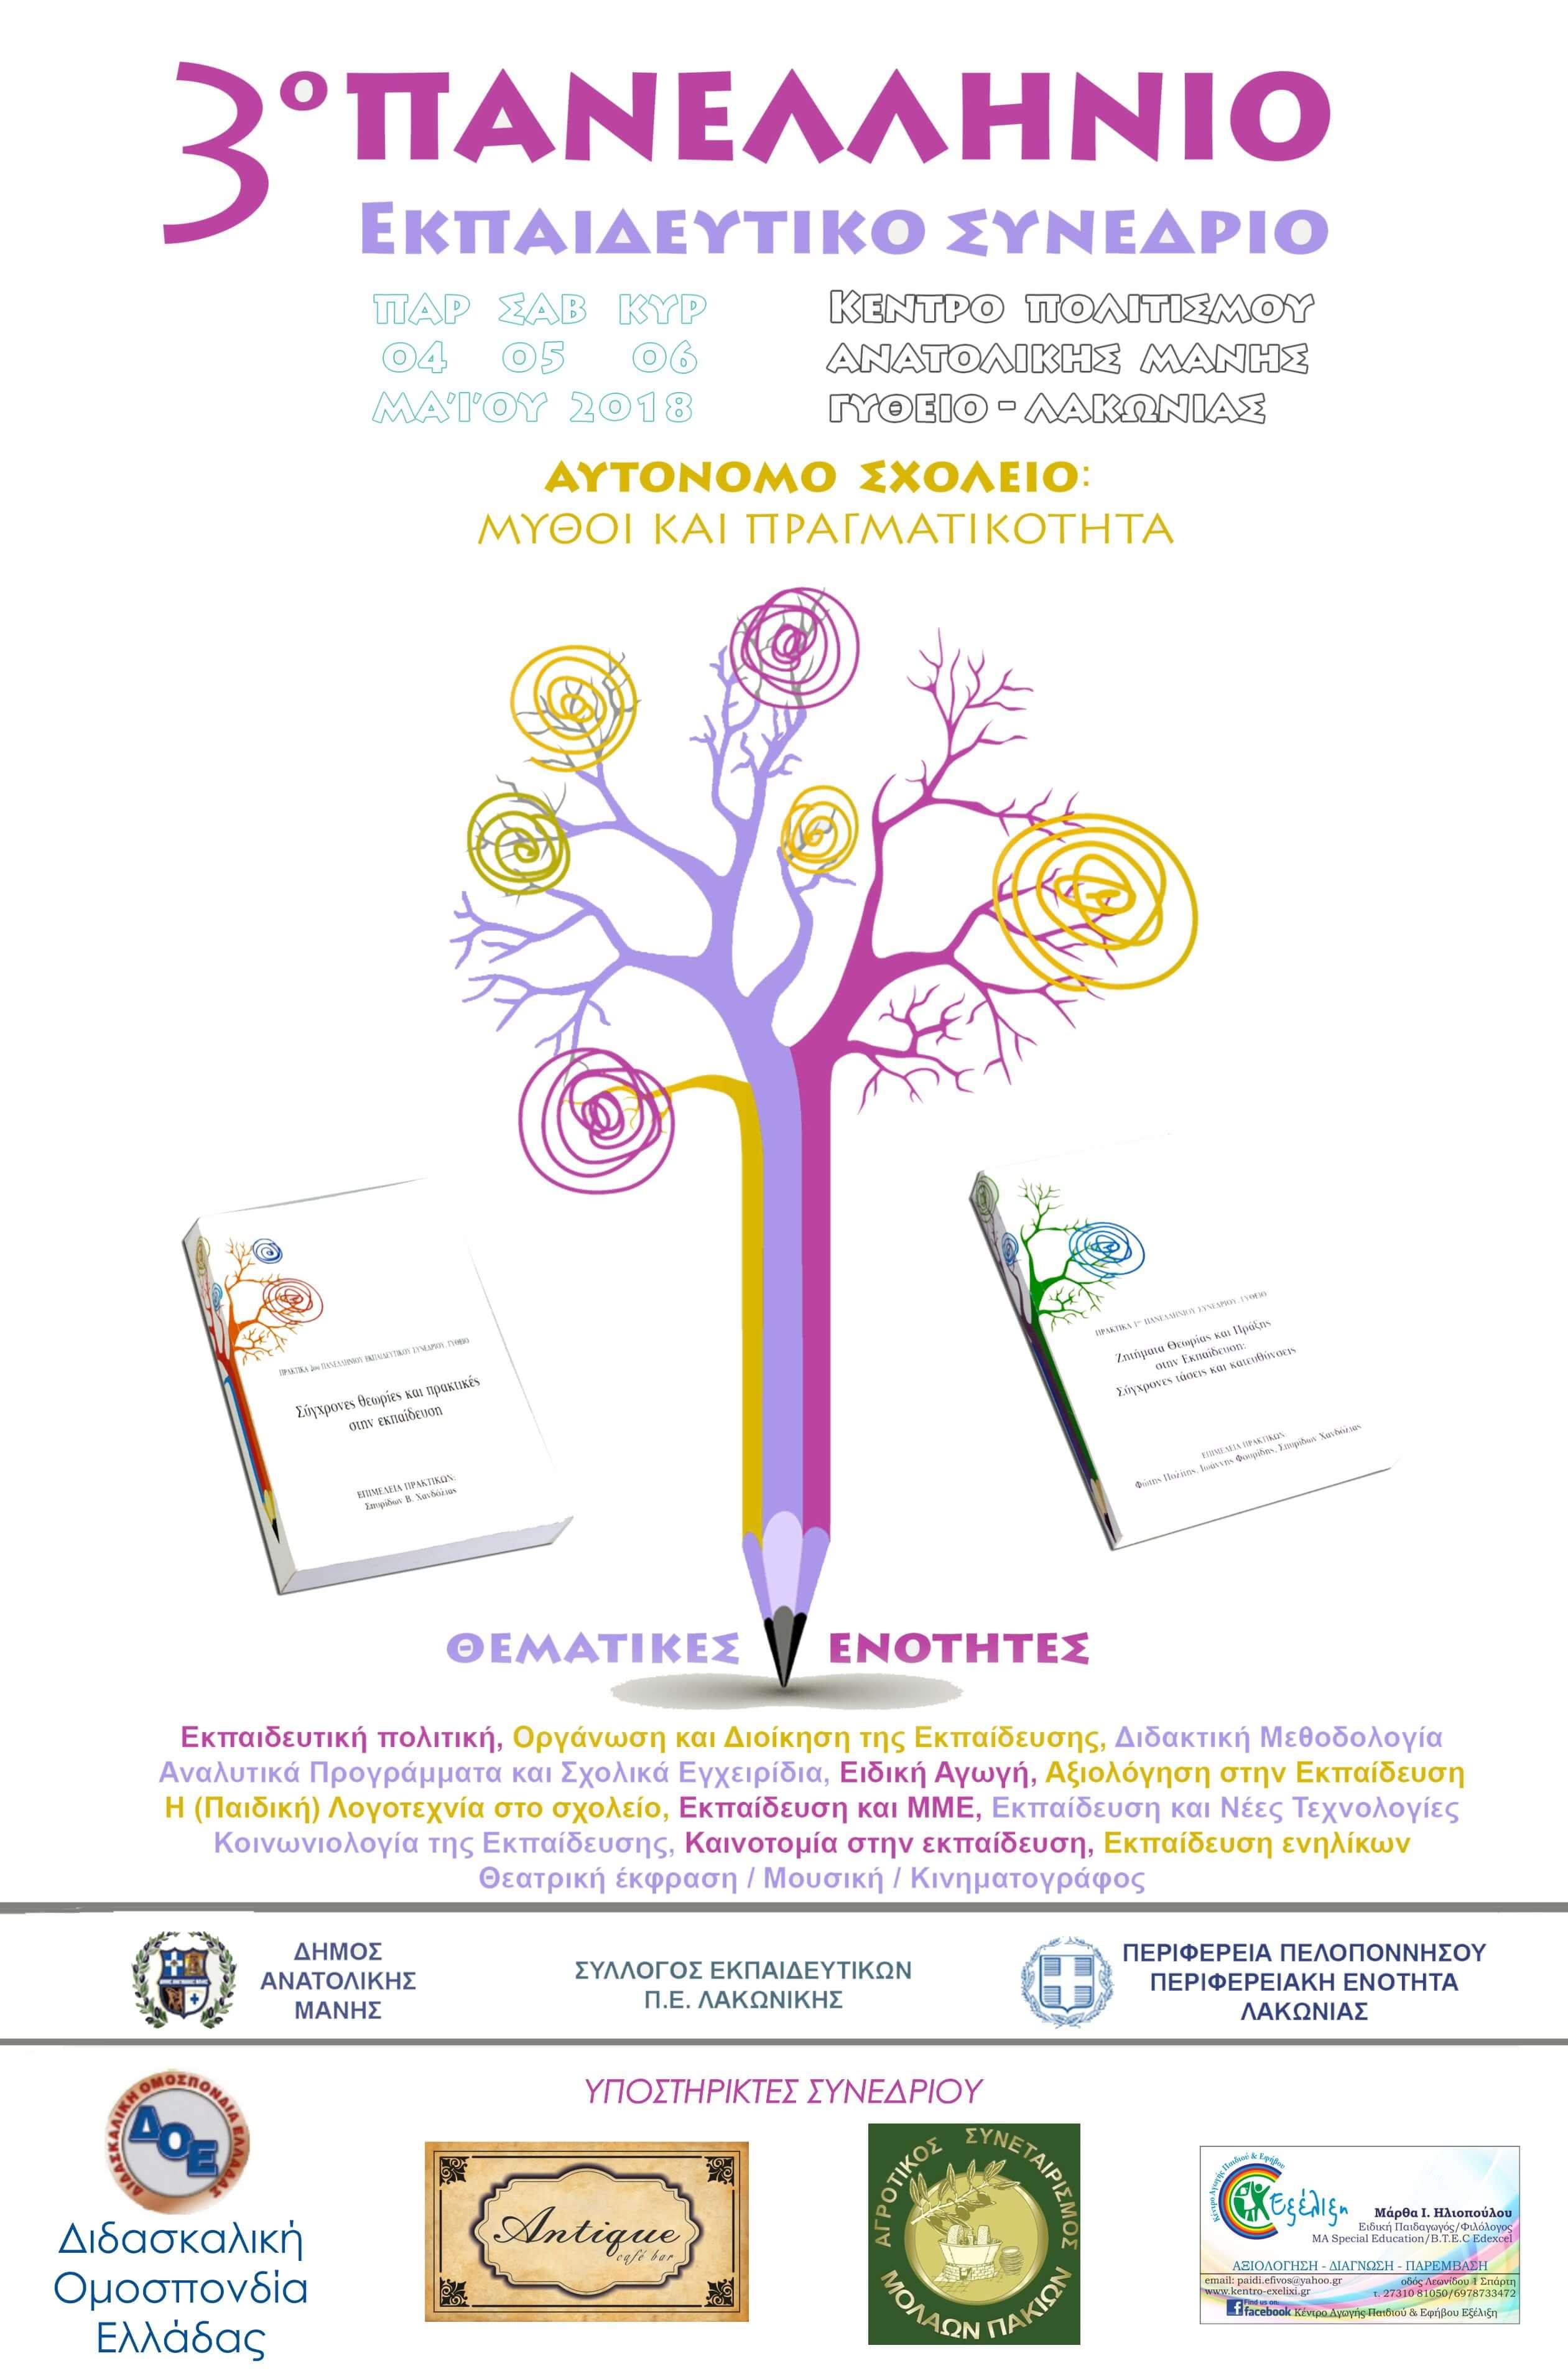 3ο Πανελλήνιο Εκπαιδευτικό Συνέδριο